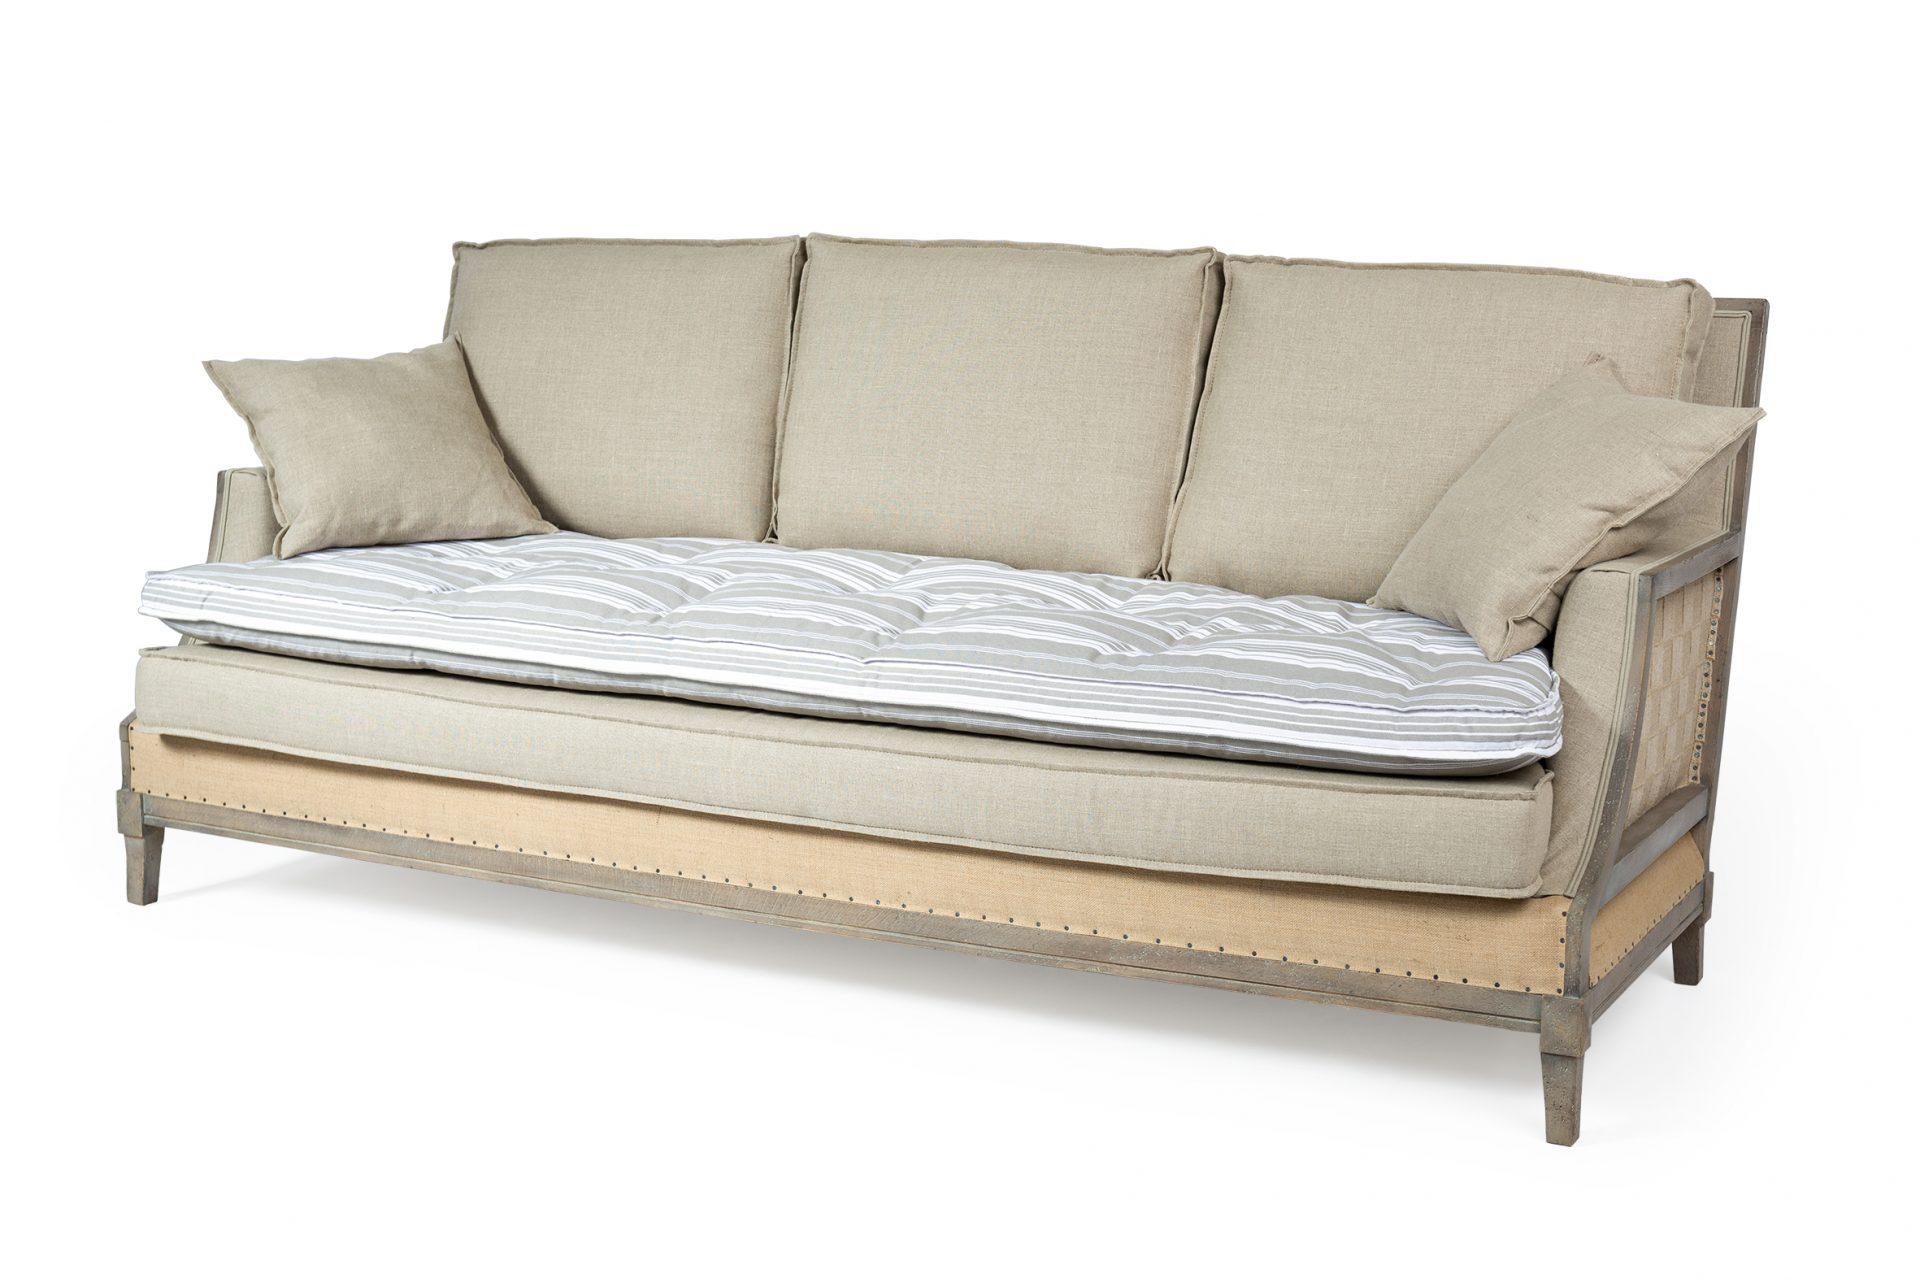 Canap batignolles de ralph m raphaele meubles for M meuble canape